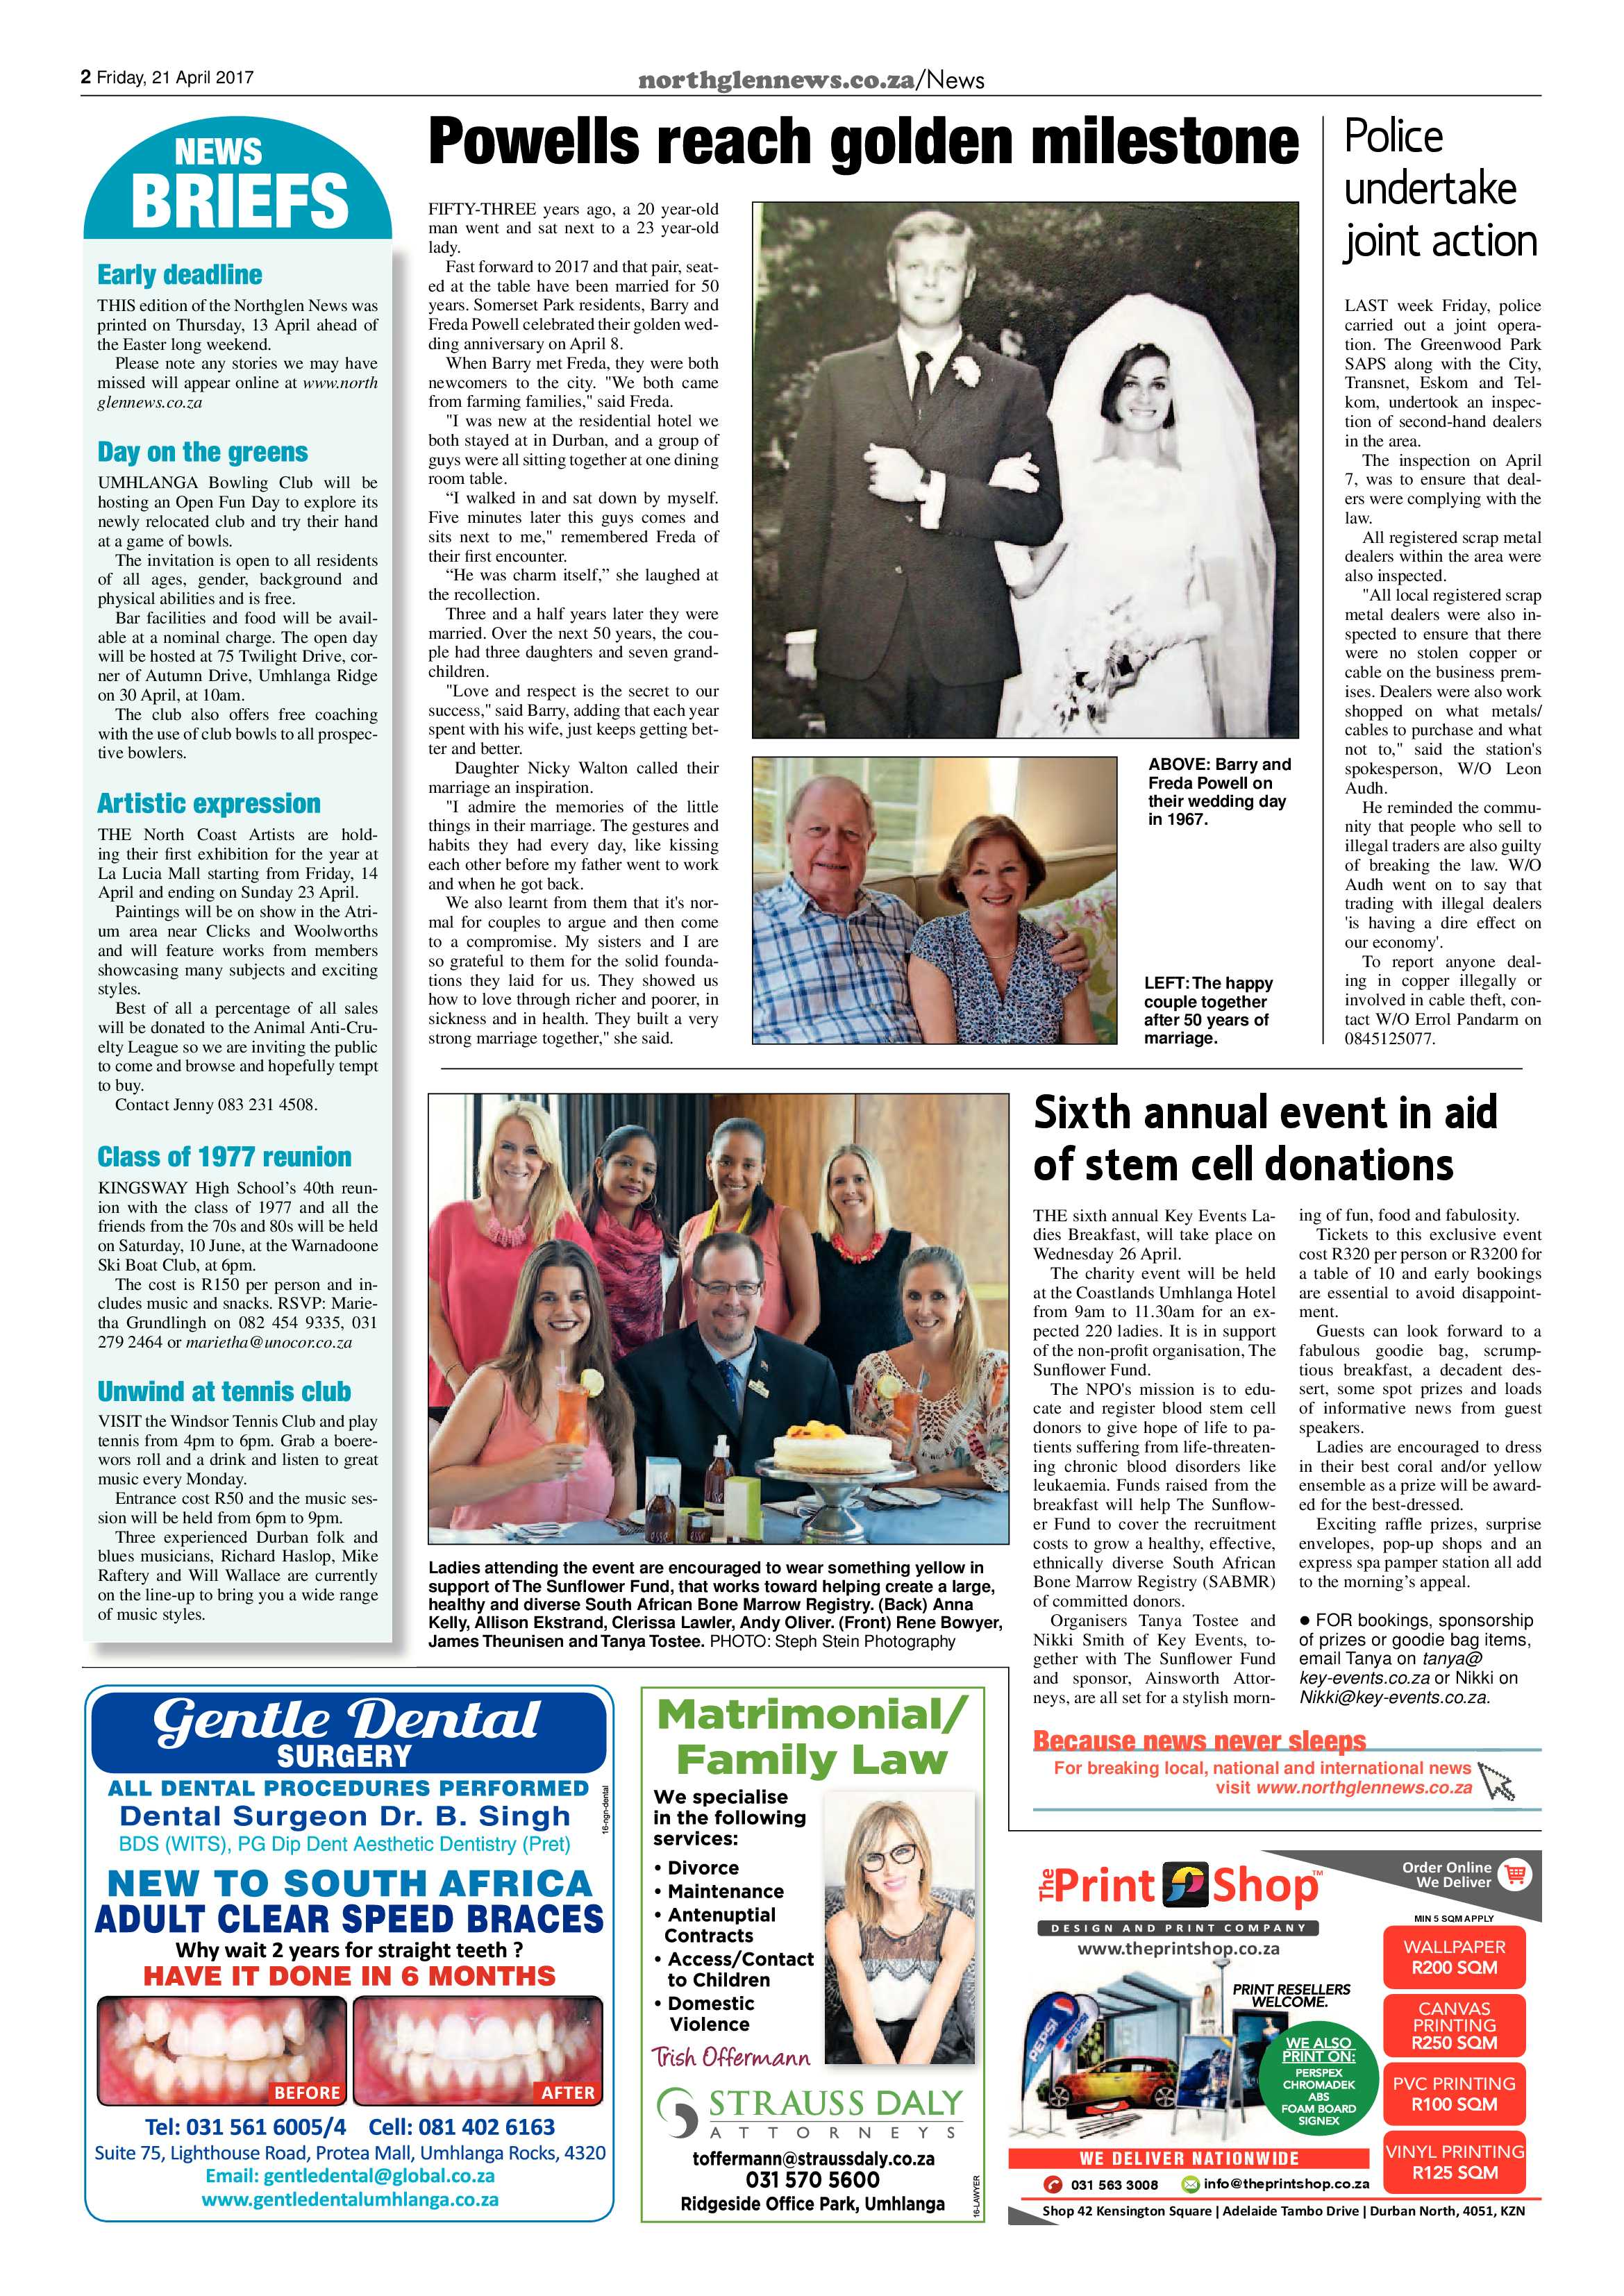 northglen-news-21-april-2017-epapers-page-2